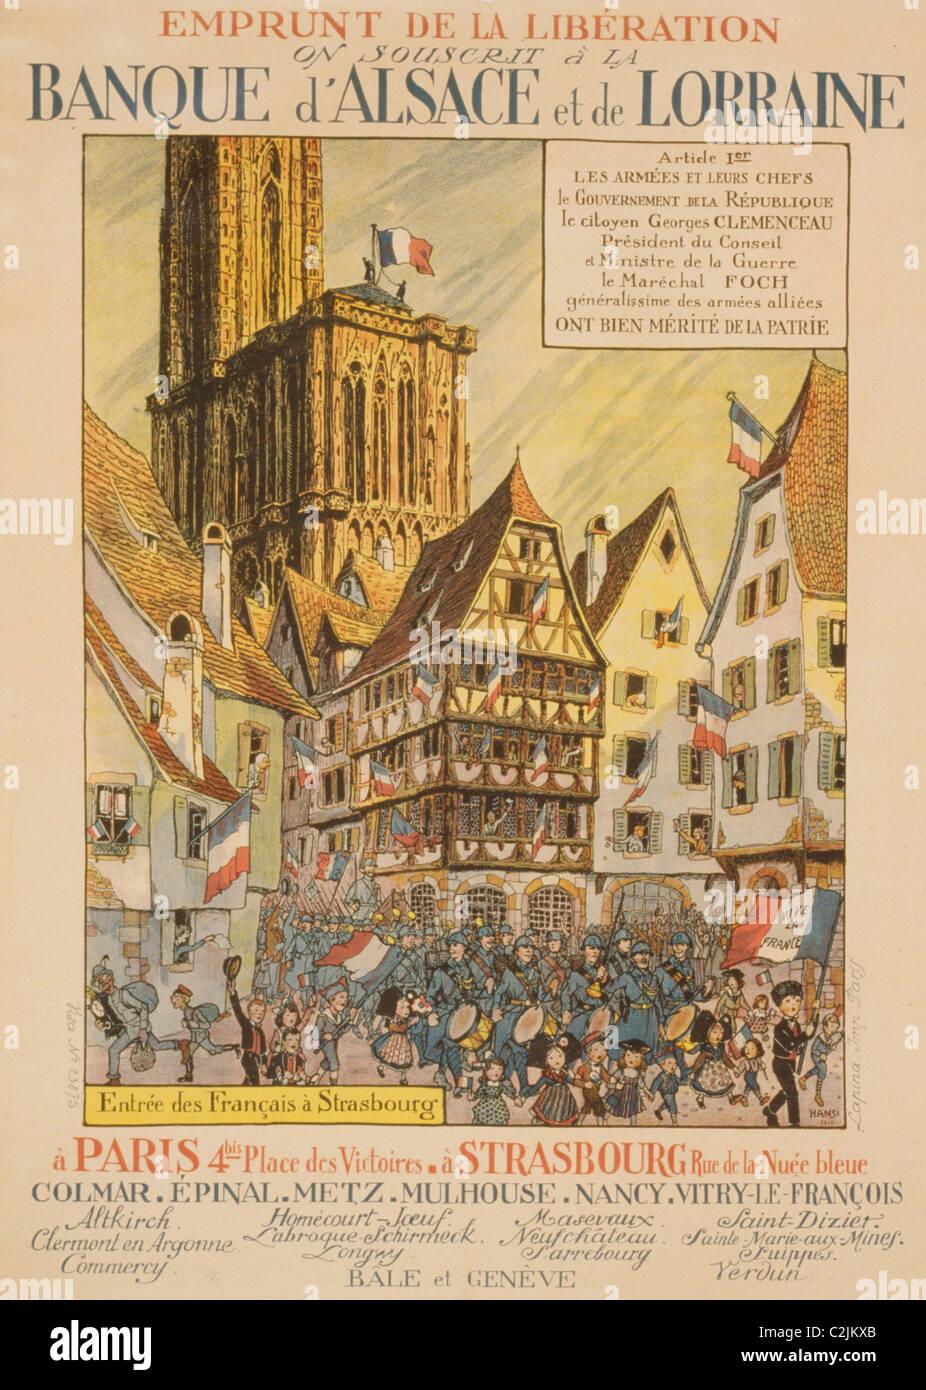 Emprunt de la Libération. On souscrit á la Banque d'Alsace et de Lorraine